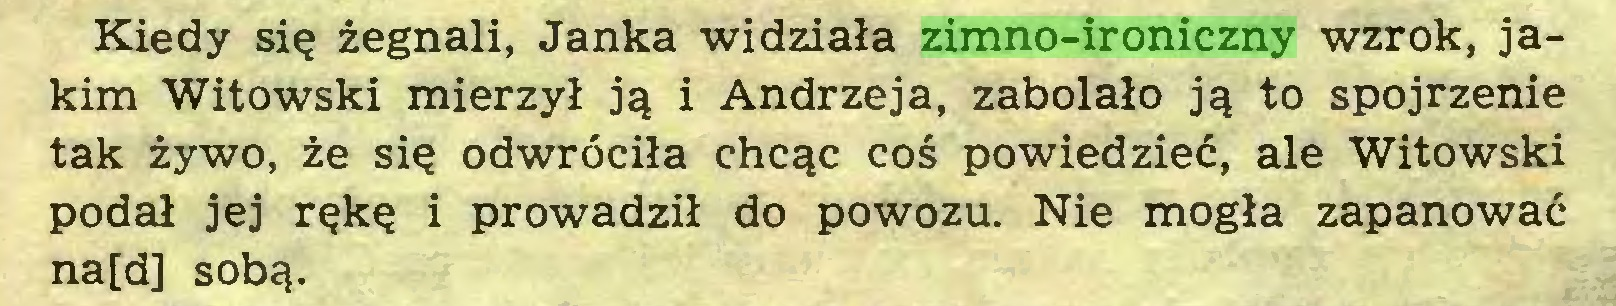 (...) Kiedy się żegnali, Janka widziała zimno-ironiczny wzrok, jakim Witowski mierzył ją i Andrzeja, zabolało ją to spojrzenie tak żywo, że się odwróciła chcąc coś powiedzieć, ale Witowski podał jej rękę i prowadził do powozu. Nie mogła zapanować na[d] sobą...